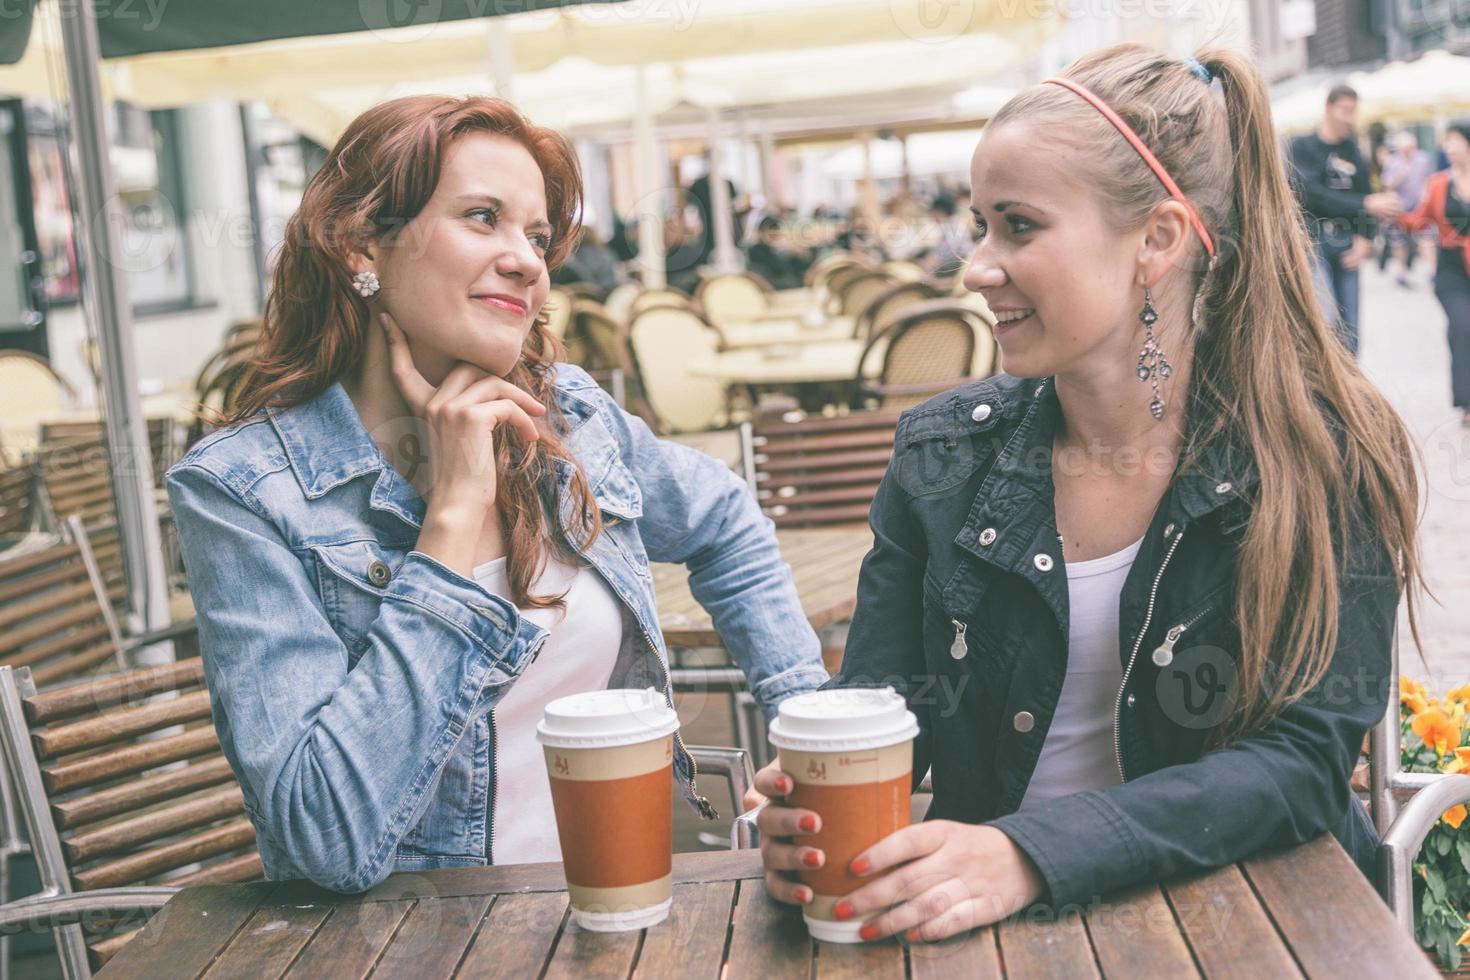 adolescentes boire au bar photo